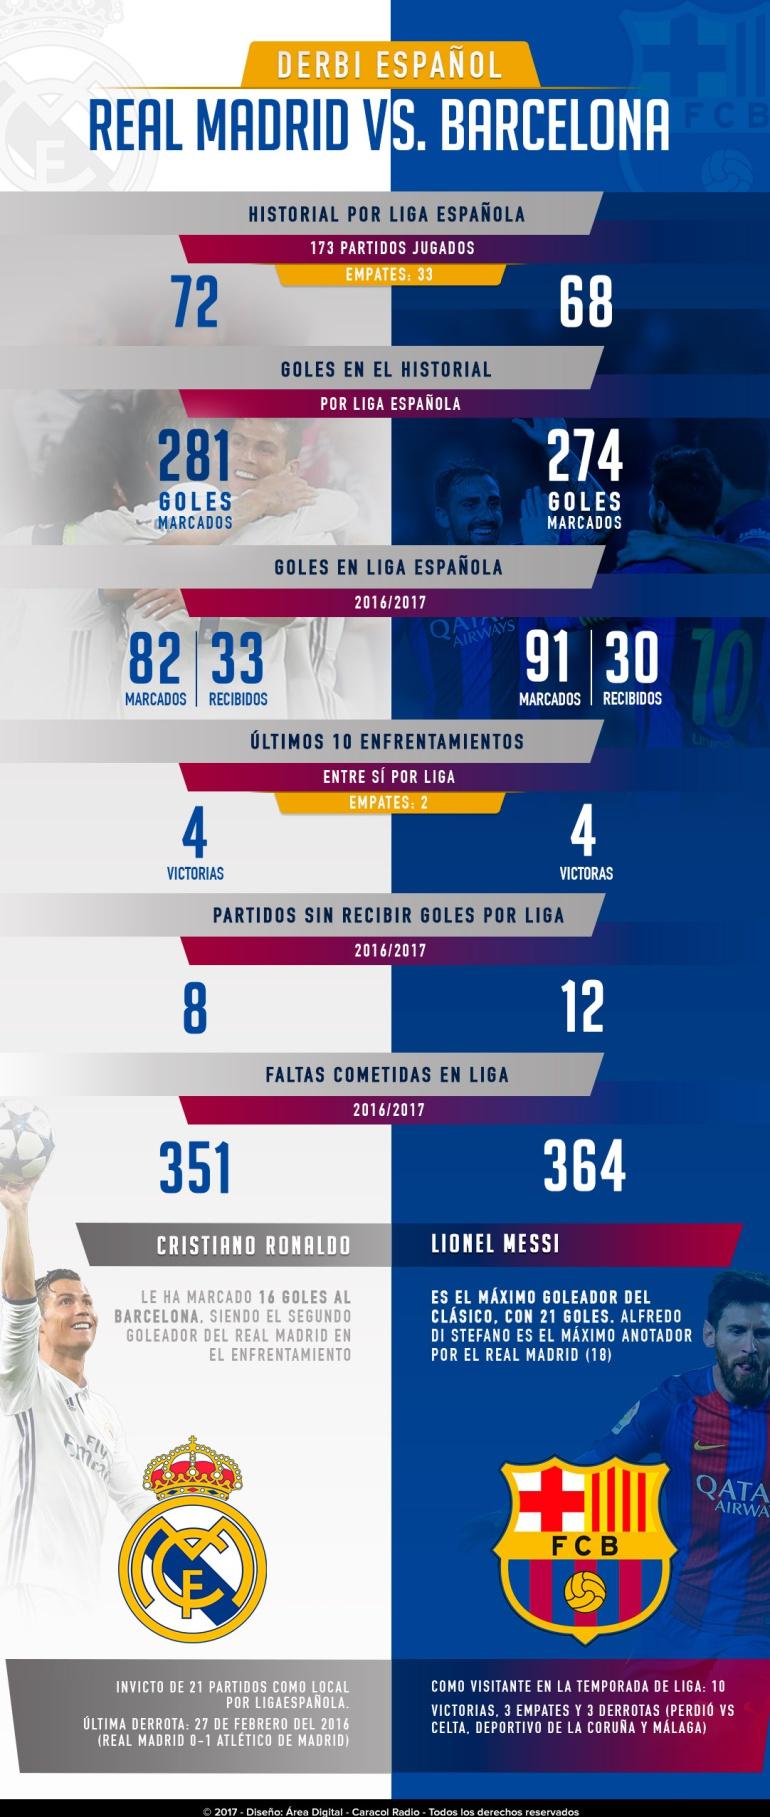 En números, el clásico 233 entre Real Madrid y Barcelona